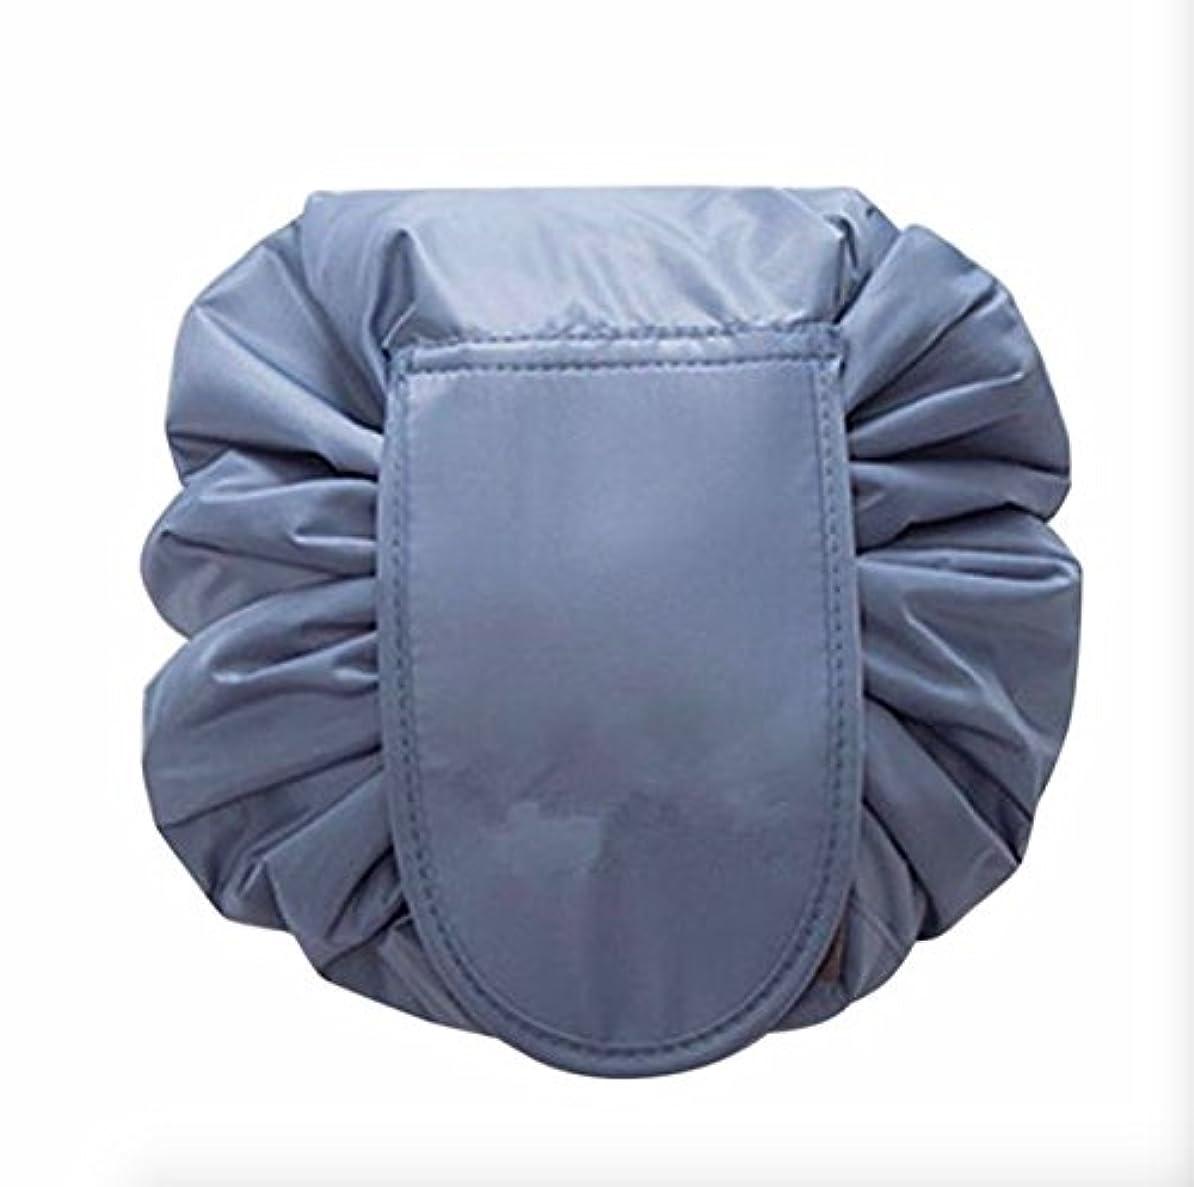 大容量 防水化粧品収納バッグ 折り畳み 外泊 出張 持ち運び旅行収納 (ブルー)